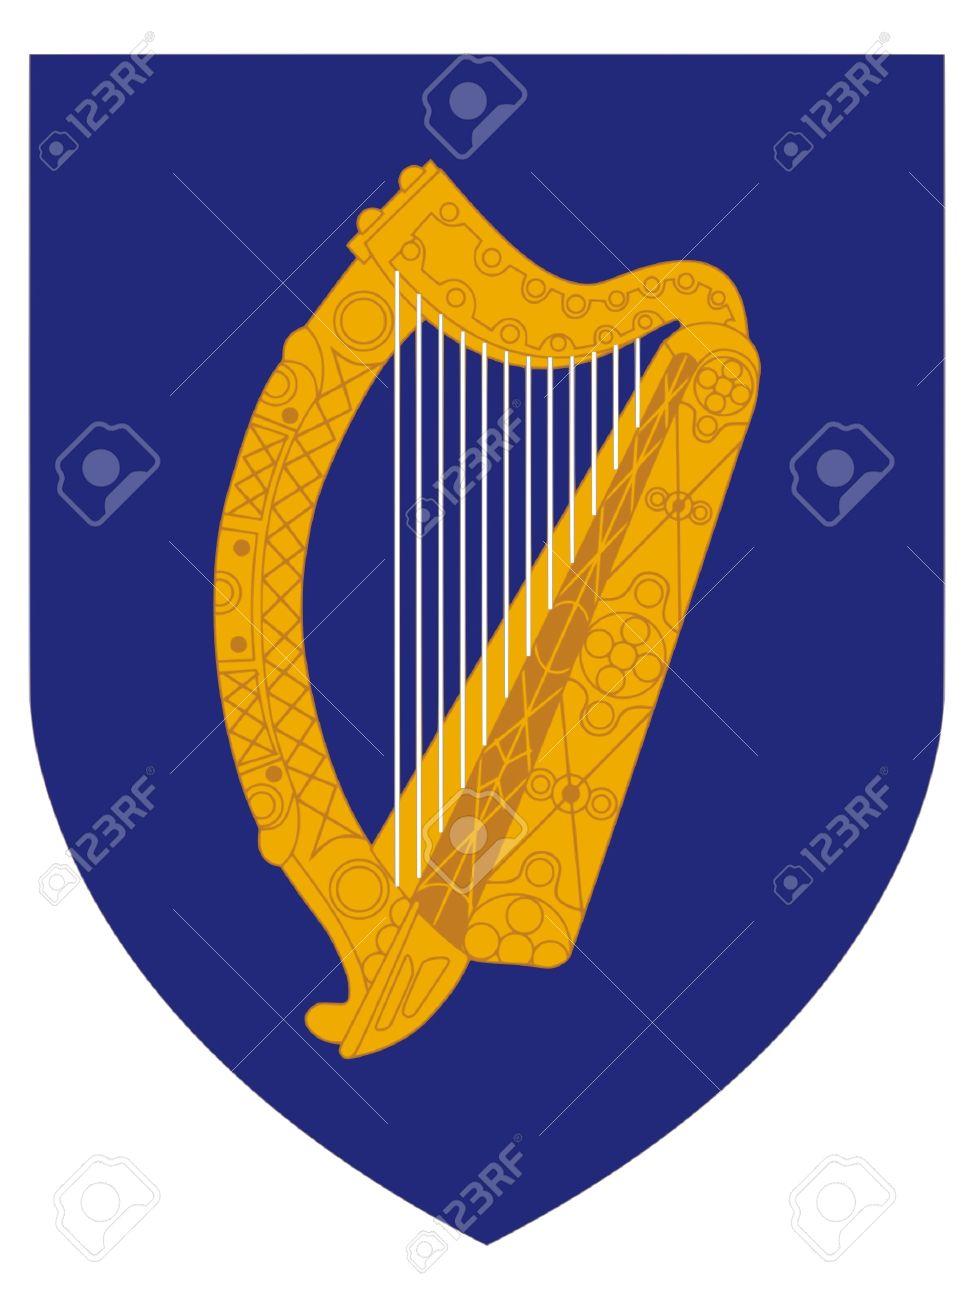 Blason De La République D'Irlande Clip Art Libres De Droits.